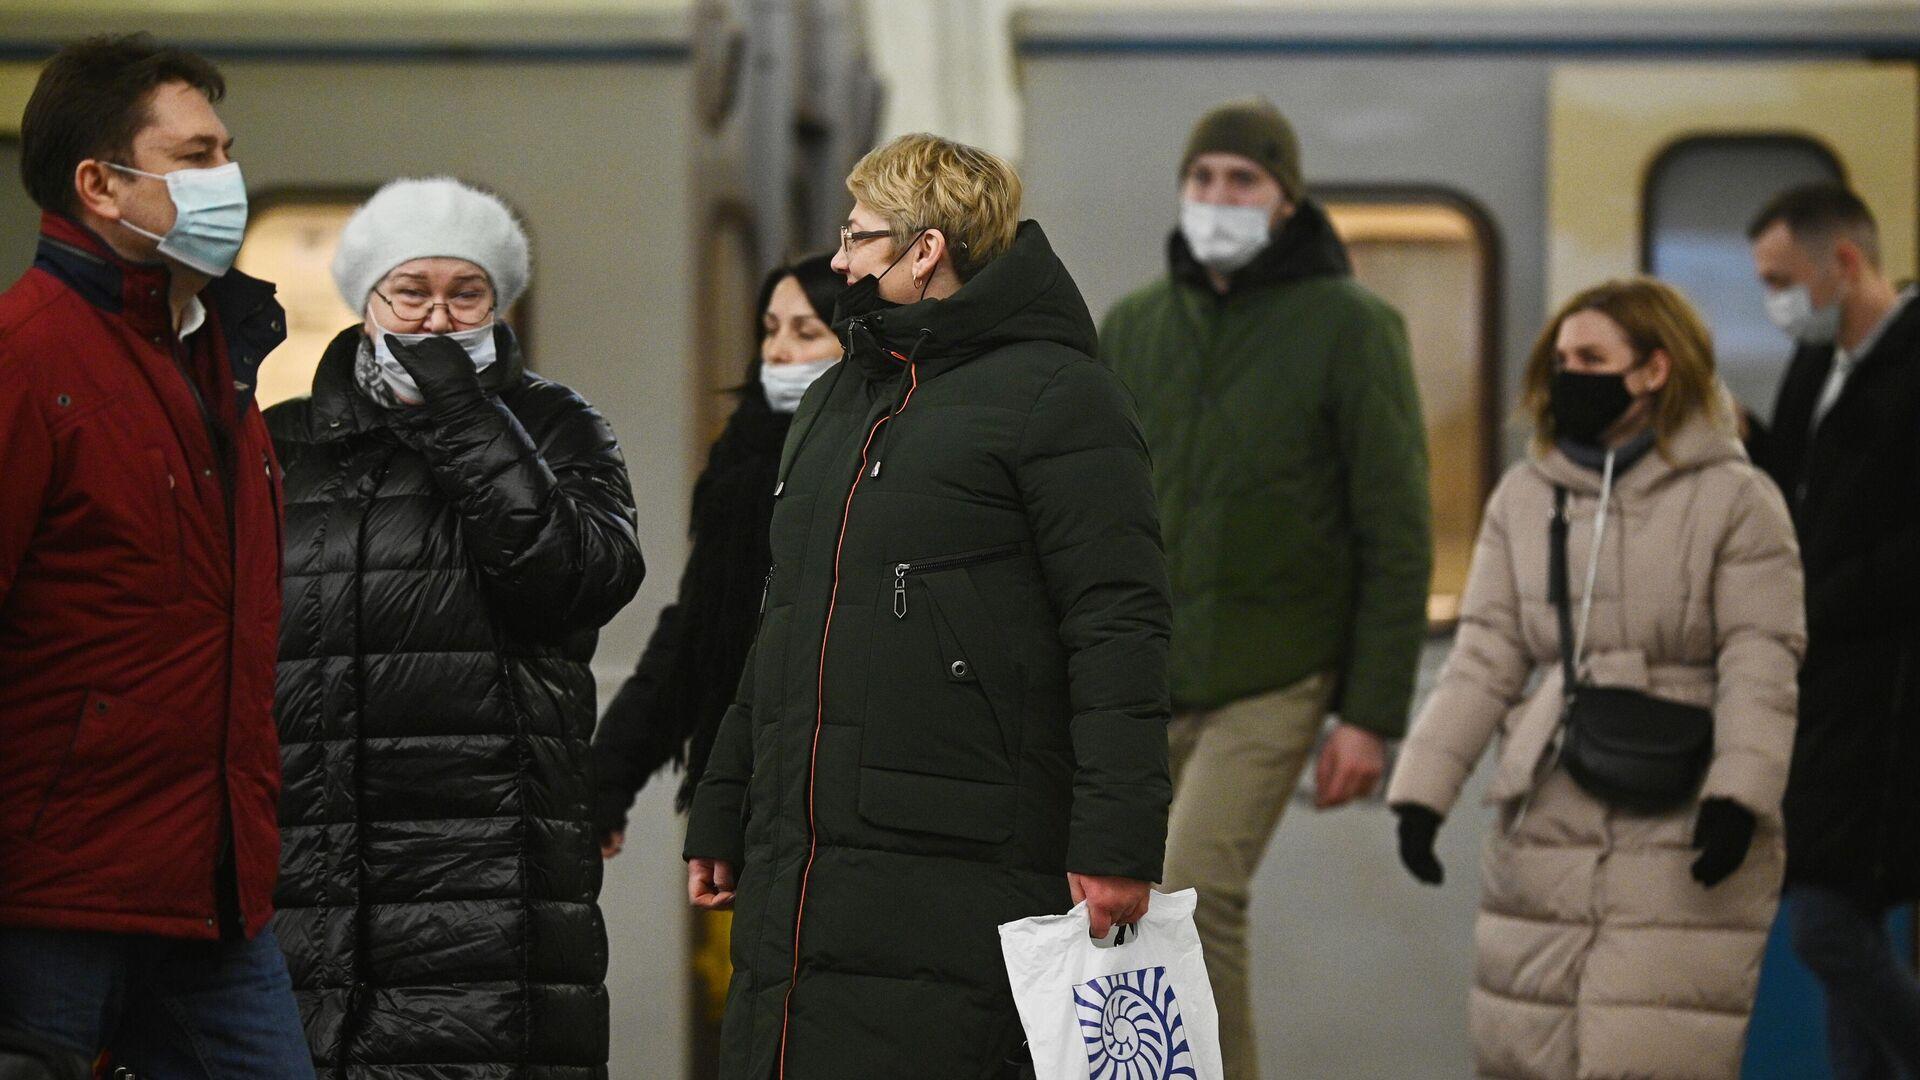 Пассажиры в защитных масках на одной из станций Московского метрополитена - РИА Новости, 1920, 25.11.2020